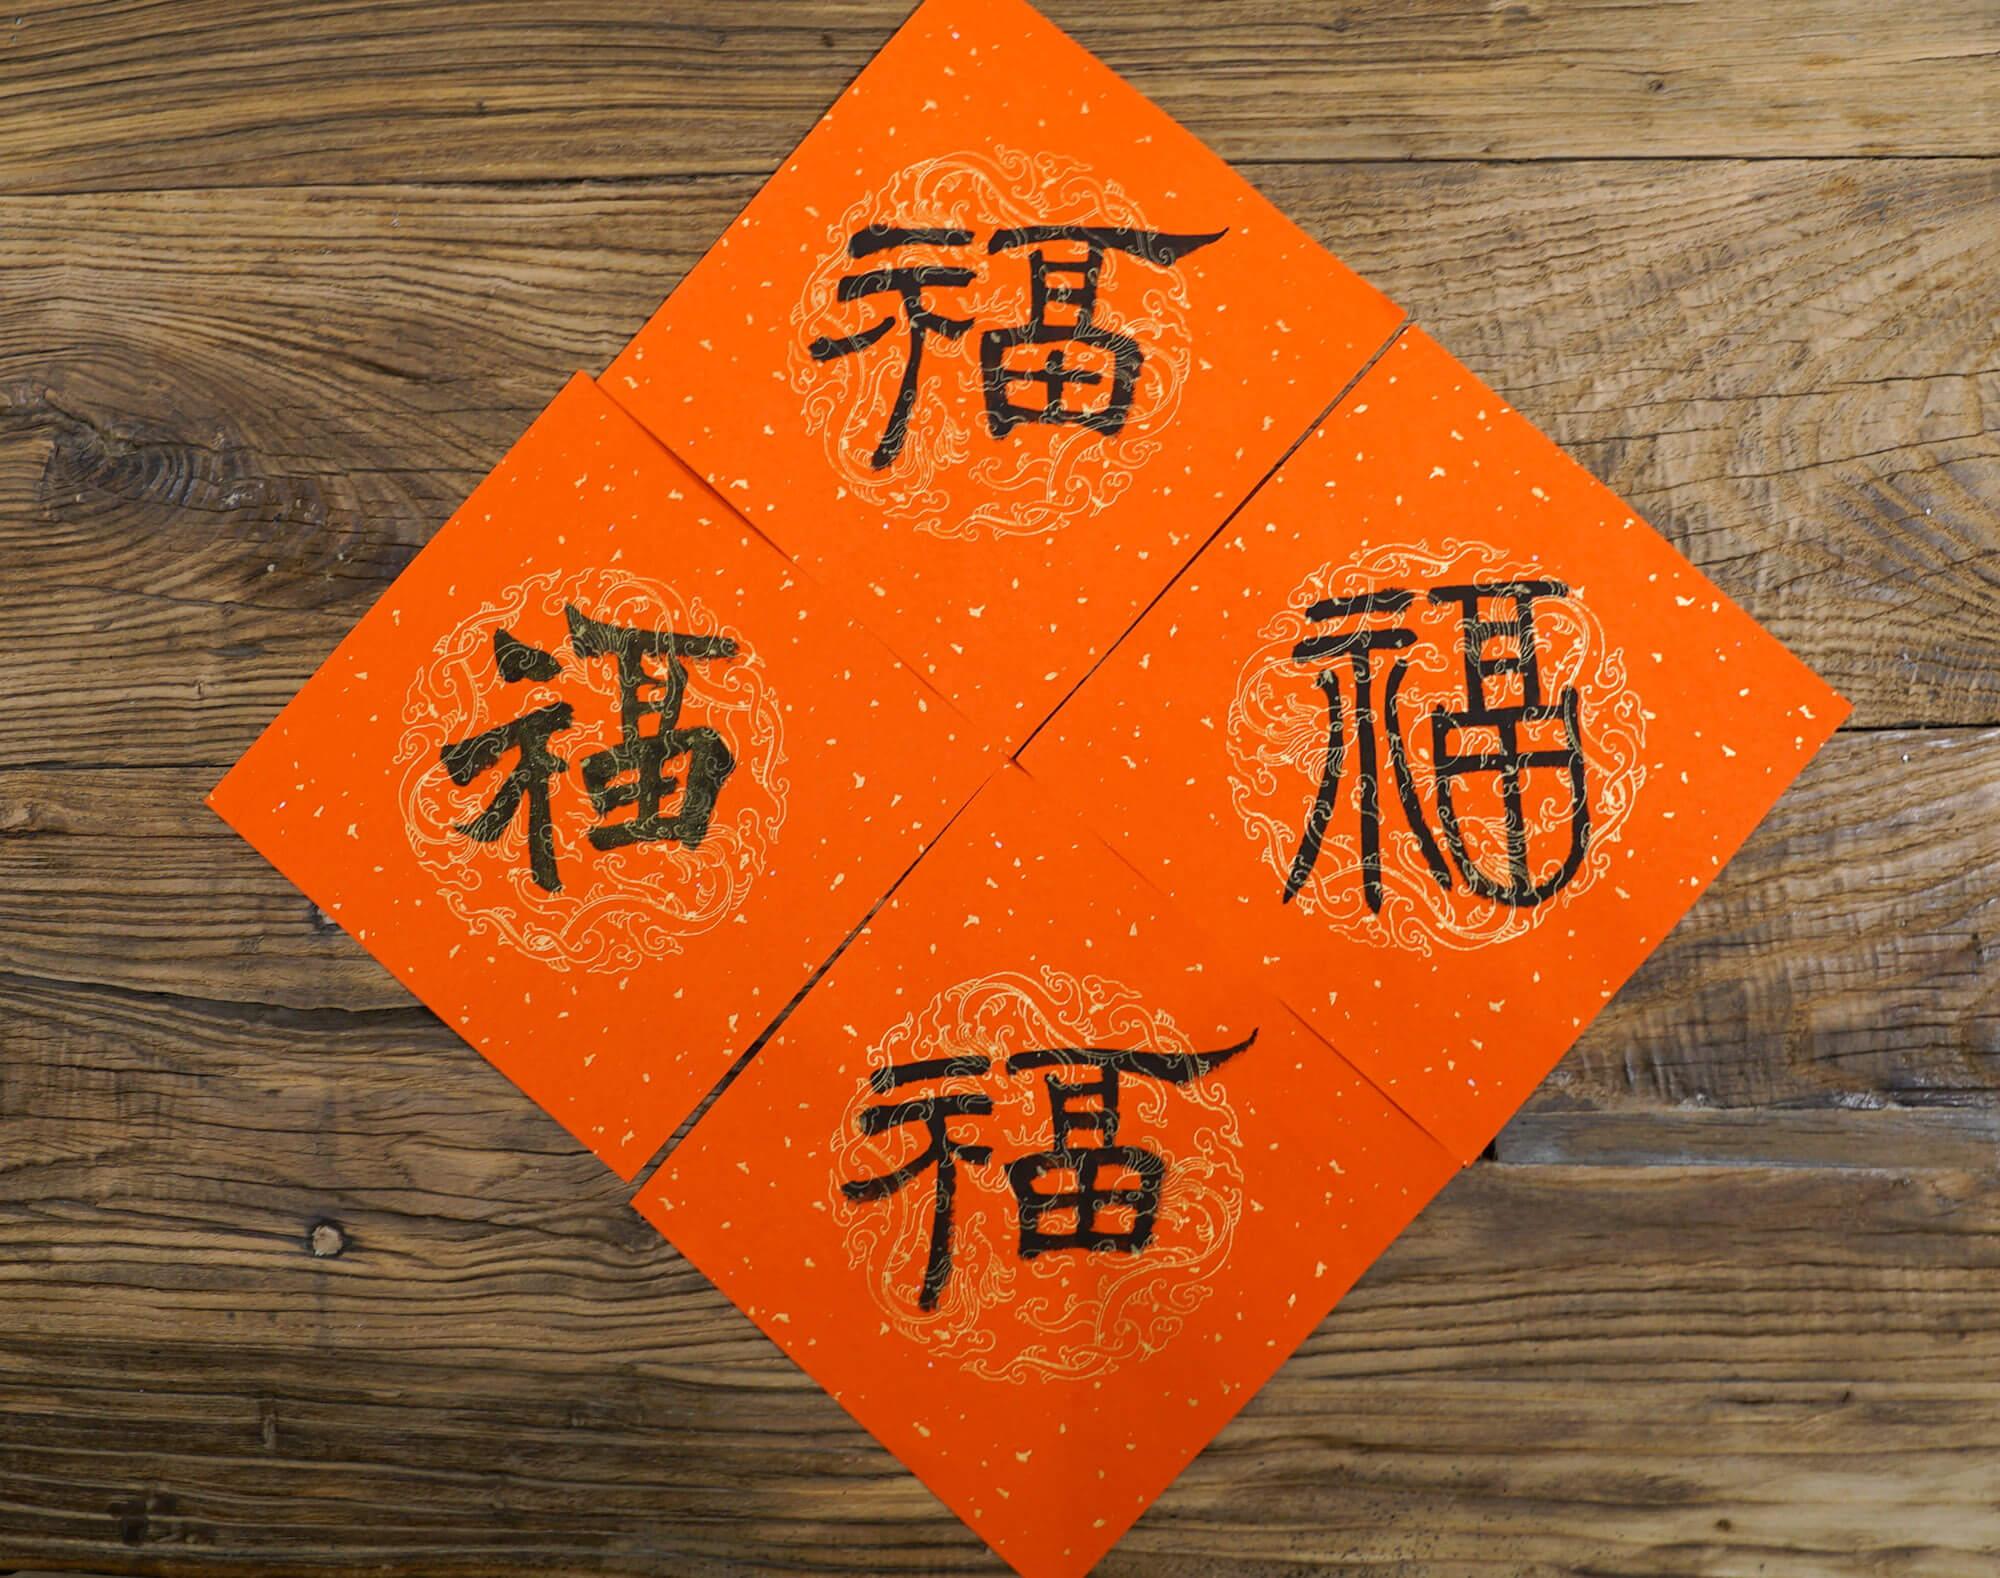 上下的「福」字同時隸書,左邊是北魏楷書,右邊則是篆書。